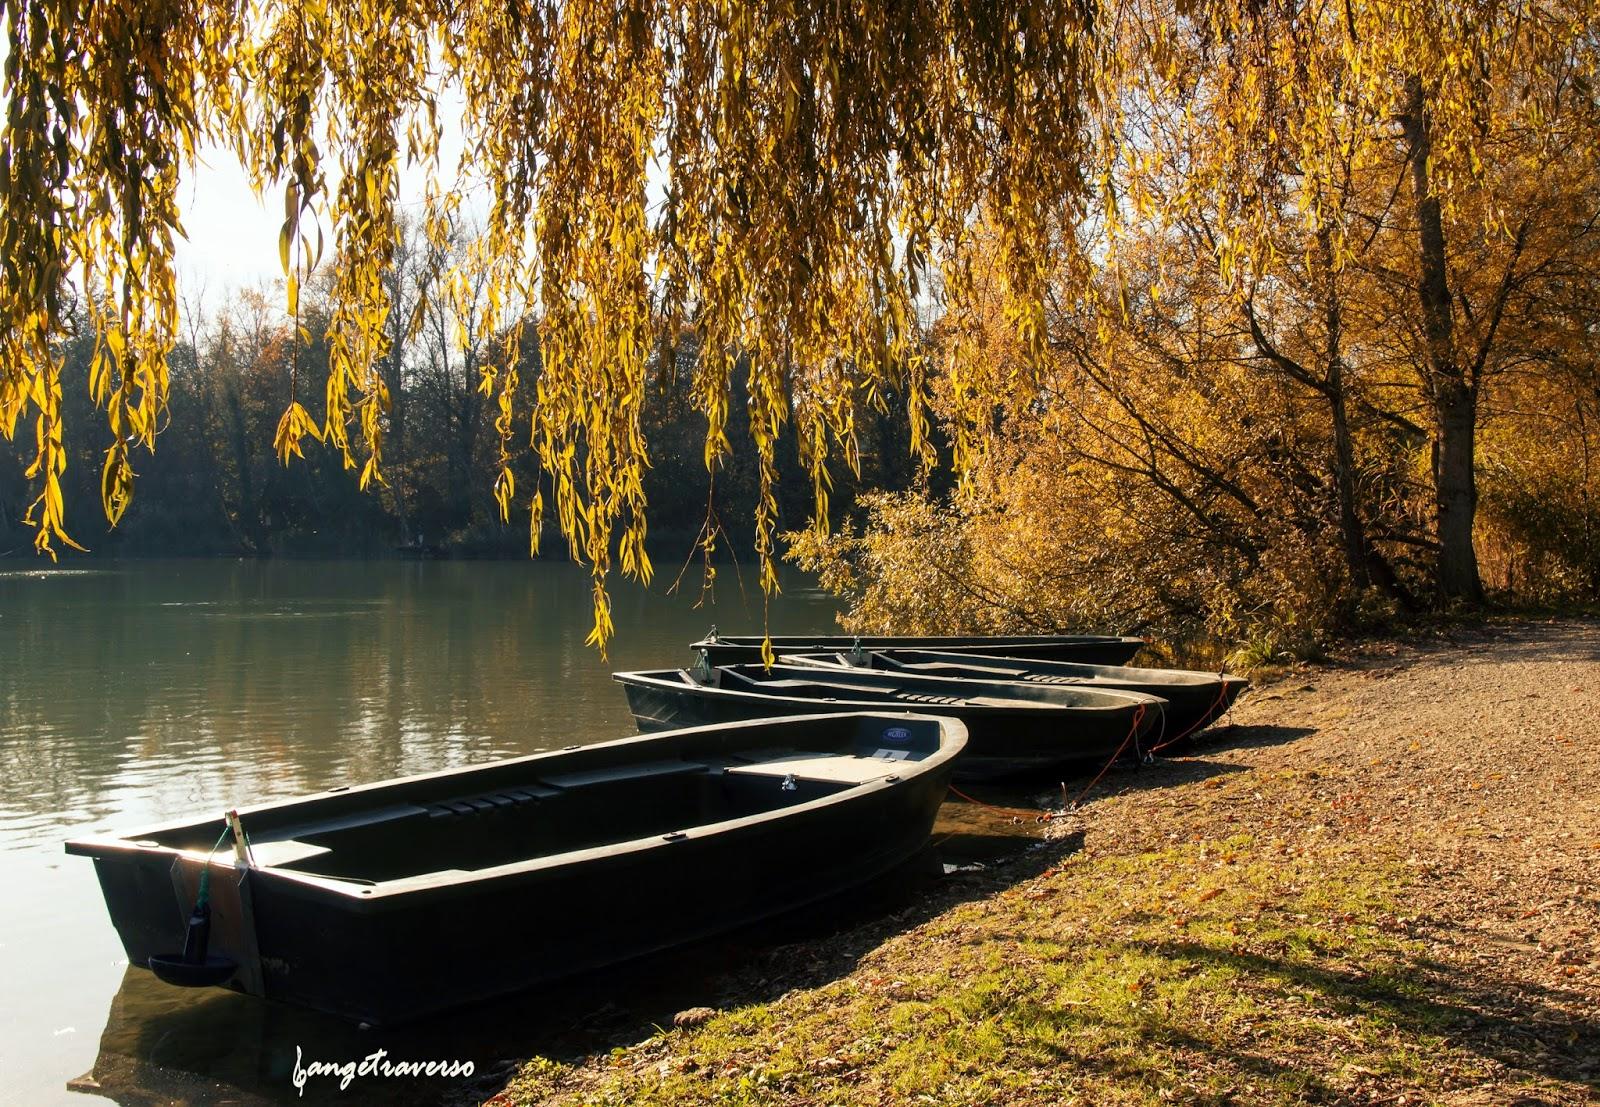 Couleurs automnales depuis le plan d'eau de Rumilly, Haute-Savoie